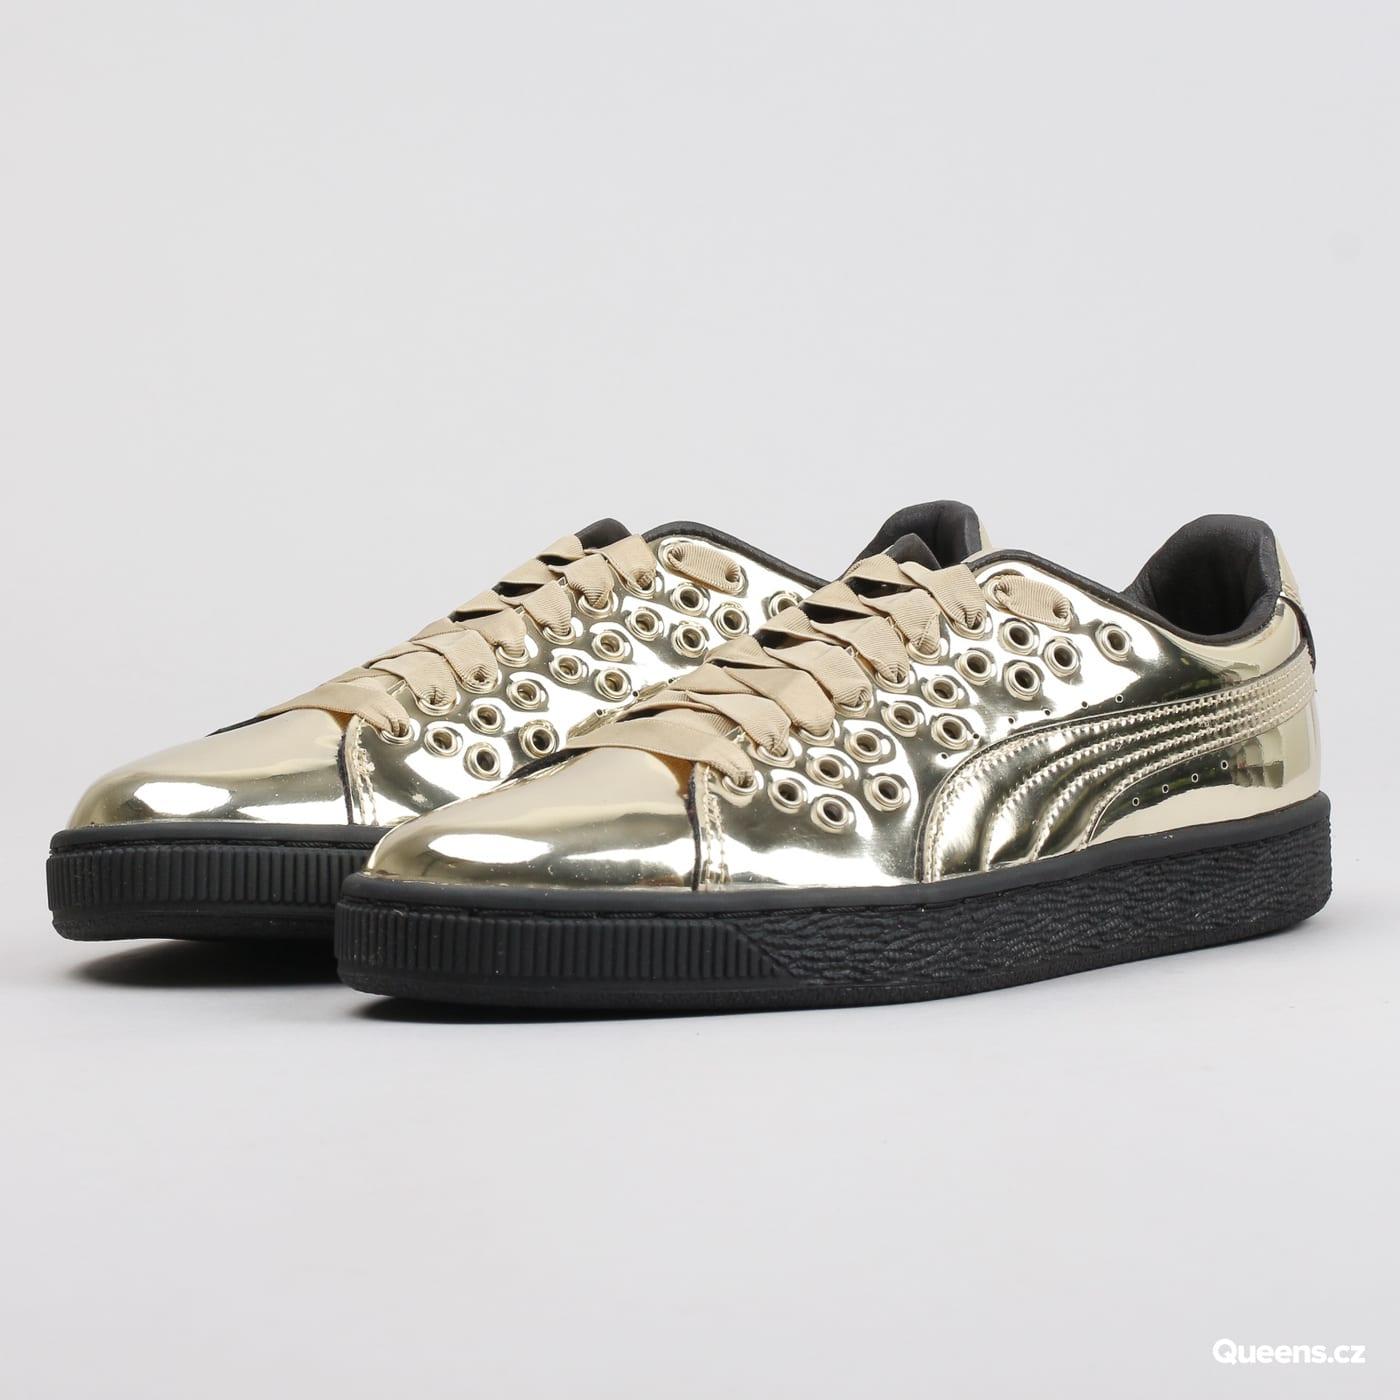 0dc6d098dab Levné dámské boty Puma – Queens 💚